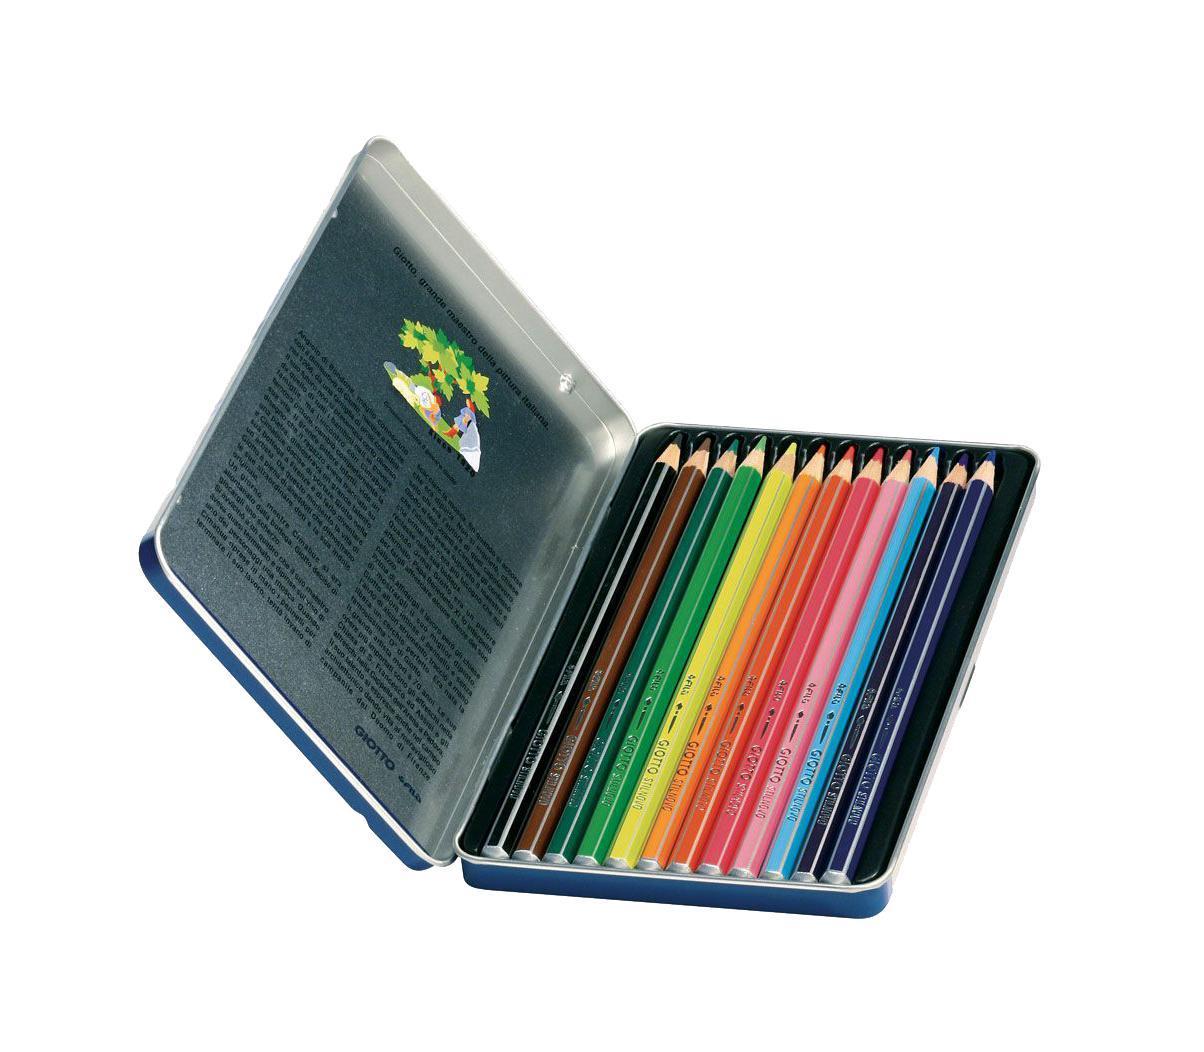 Цветные карандаши Giotto Stilnovo Acquarell,металлической упаковке, 12 цвета256200От производителяЦветные карандаши Glotto Stilnovo Acquarell непременно, понравятся вашему юному художнику. Набор включает в себя 12 ярких насыщенных акварельных цветных карандаша гексагональной формы с серебряным нанесением по ребру грани. Идеально подходят для школы. Карандаши изготовлены из сертифицированного дерева, экологически чистые, имеют прочный неломающийся грифель, не требующий сильного нажатия и легко затачиваются. На рубашке карандаша имеется место для нанесения имени. Порадуйте своего ребенка таким восхитительным подарком! Набор упакован в удобную металлическую коробку. Цветные карандаши Glotto Stilnovo Acquarell непременно, понравятся вашему юному художнику. Набор включает в себя 12 ярких насыщенных акварельных цветных карандаша гексагональной формы с серебряным нанесением по ребру грани. Идеально подходят для школы. Карандаши изготовлены из сертифицированного дерева, экологически чистые, имеют прочный неломающийся грифель, не требующий сильного нажатия и легко затачиваются. На рубашке карандаша имеется место для нанесения имени. Порадуйте своего ребенка таким восхитительным подарком! Набор упакован в удобную металлическую коробку. Характеристики:Материал:дерево, грифель. Диаметр карандаша:0,7 см. Длина карандаша:18 см. Размер упаковки:18,5 см х 11 см х 1 см. Изготовитель:Китай.